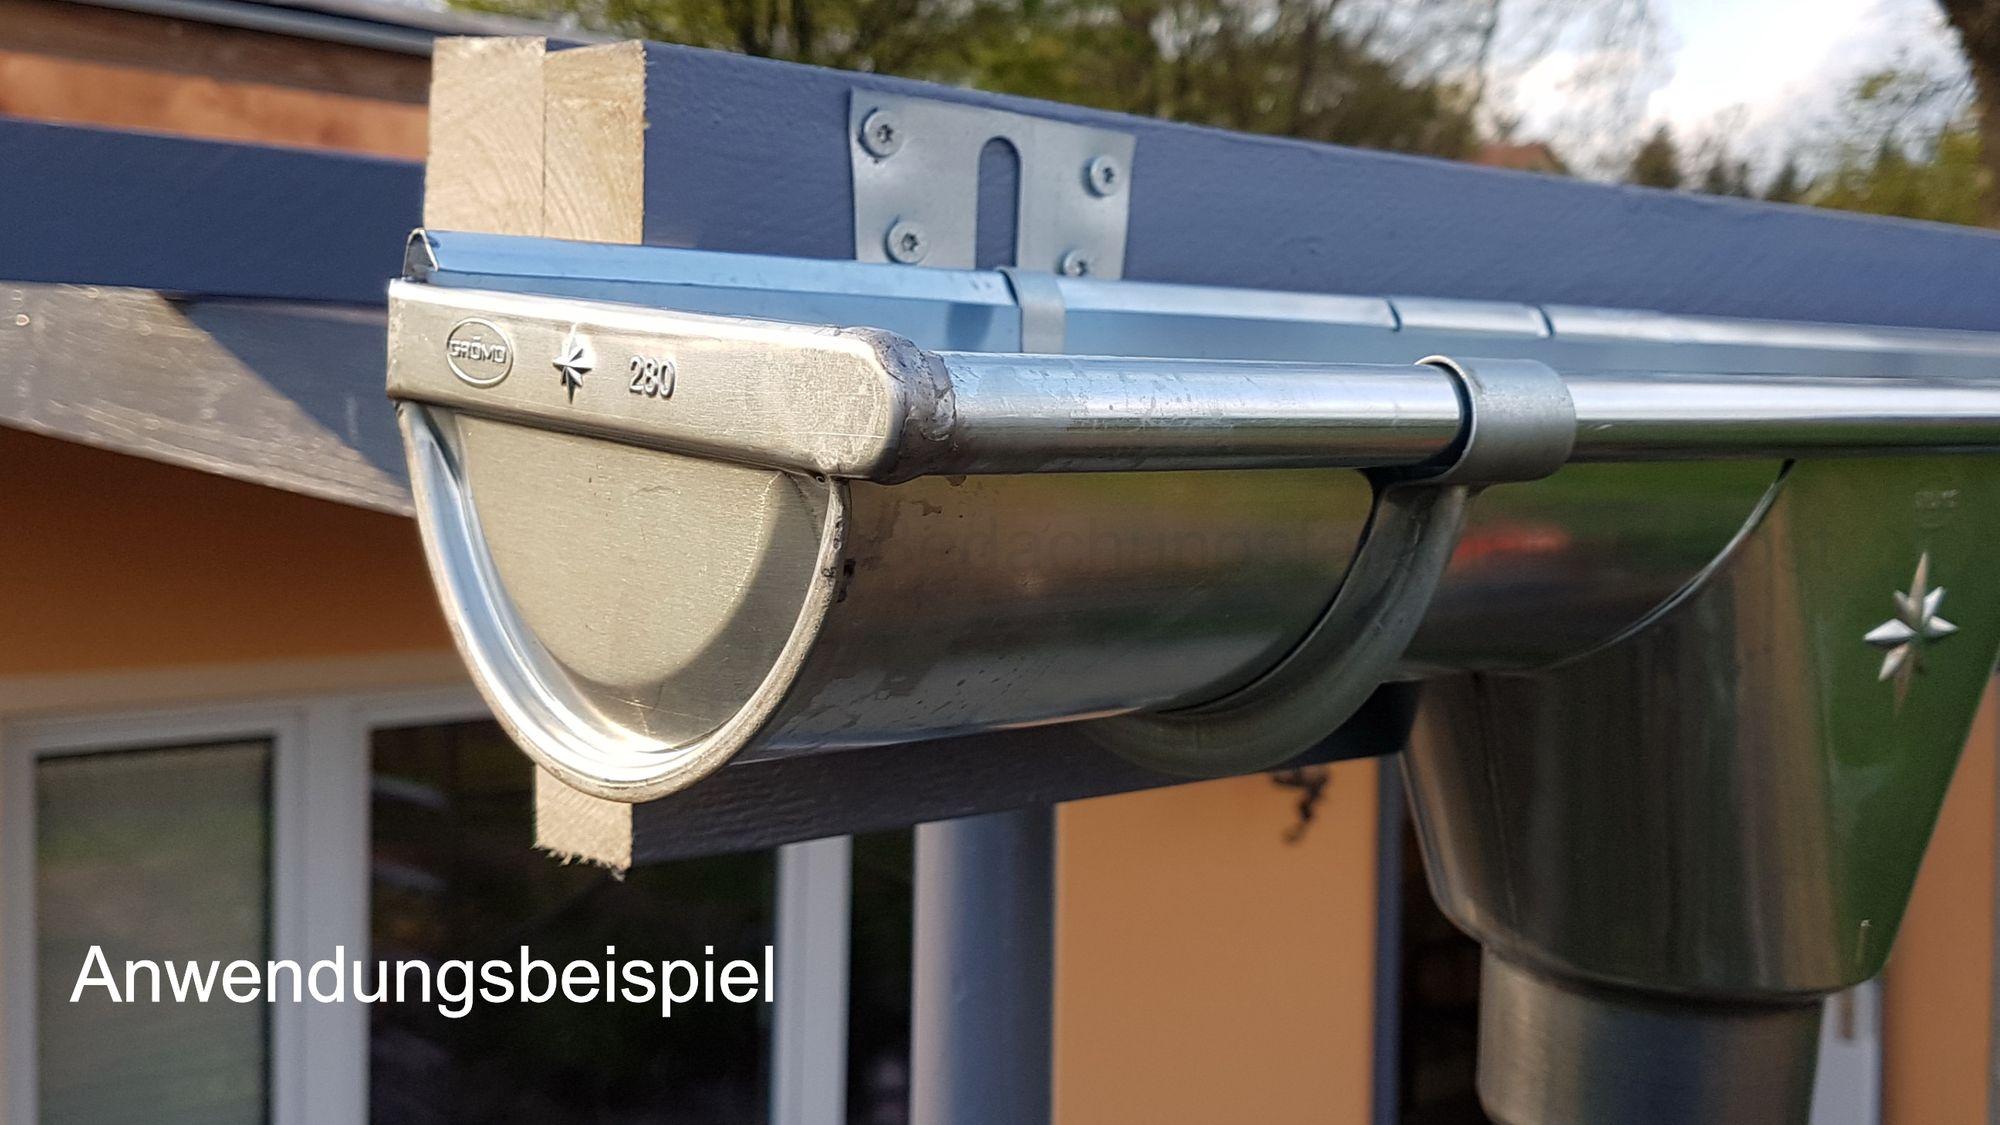 zink rinnenboden universal 6-tlg./333 dachrinne und fallrohre